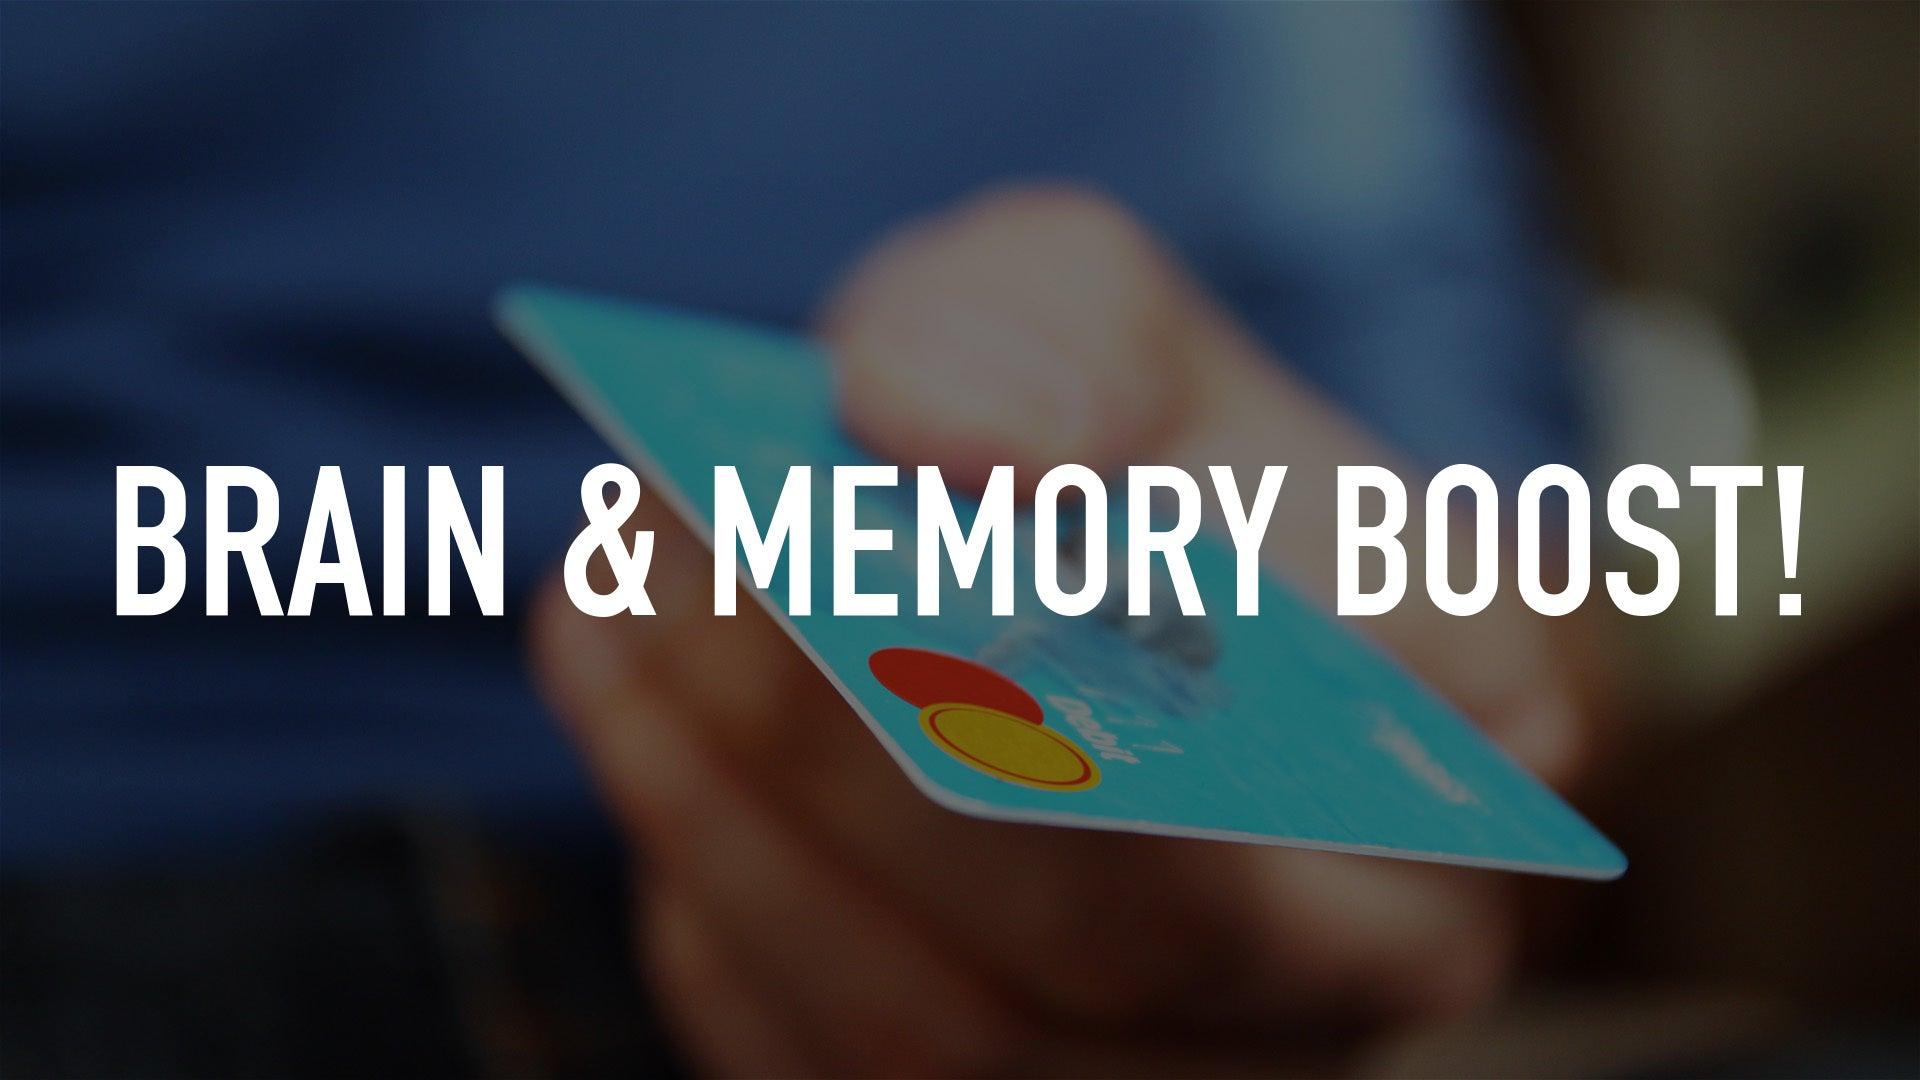 Brain & Memory Boost!